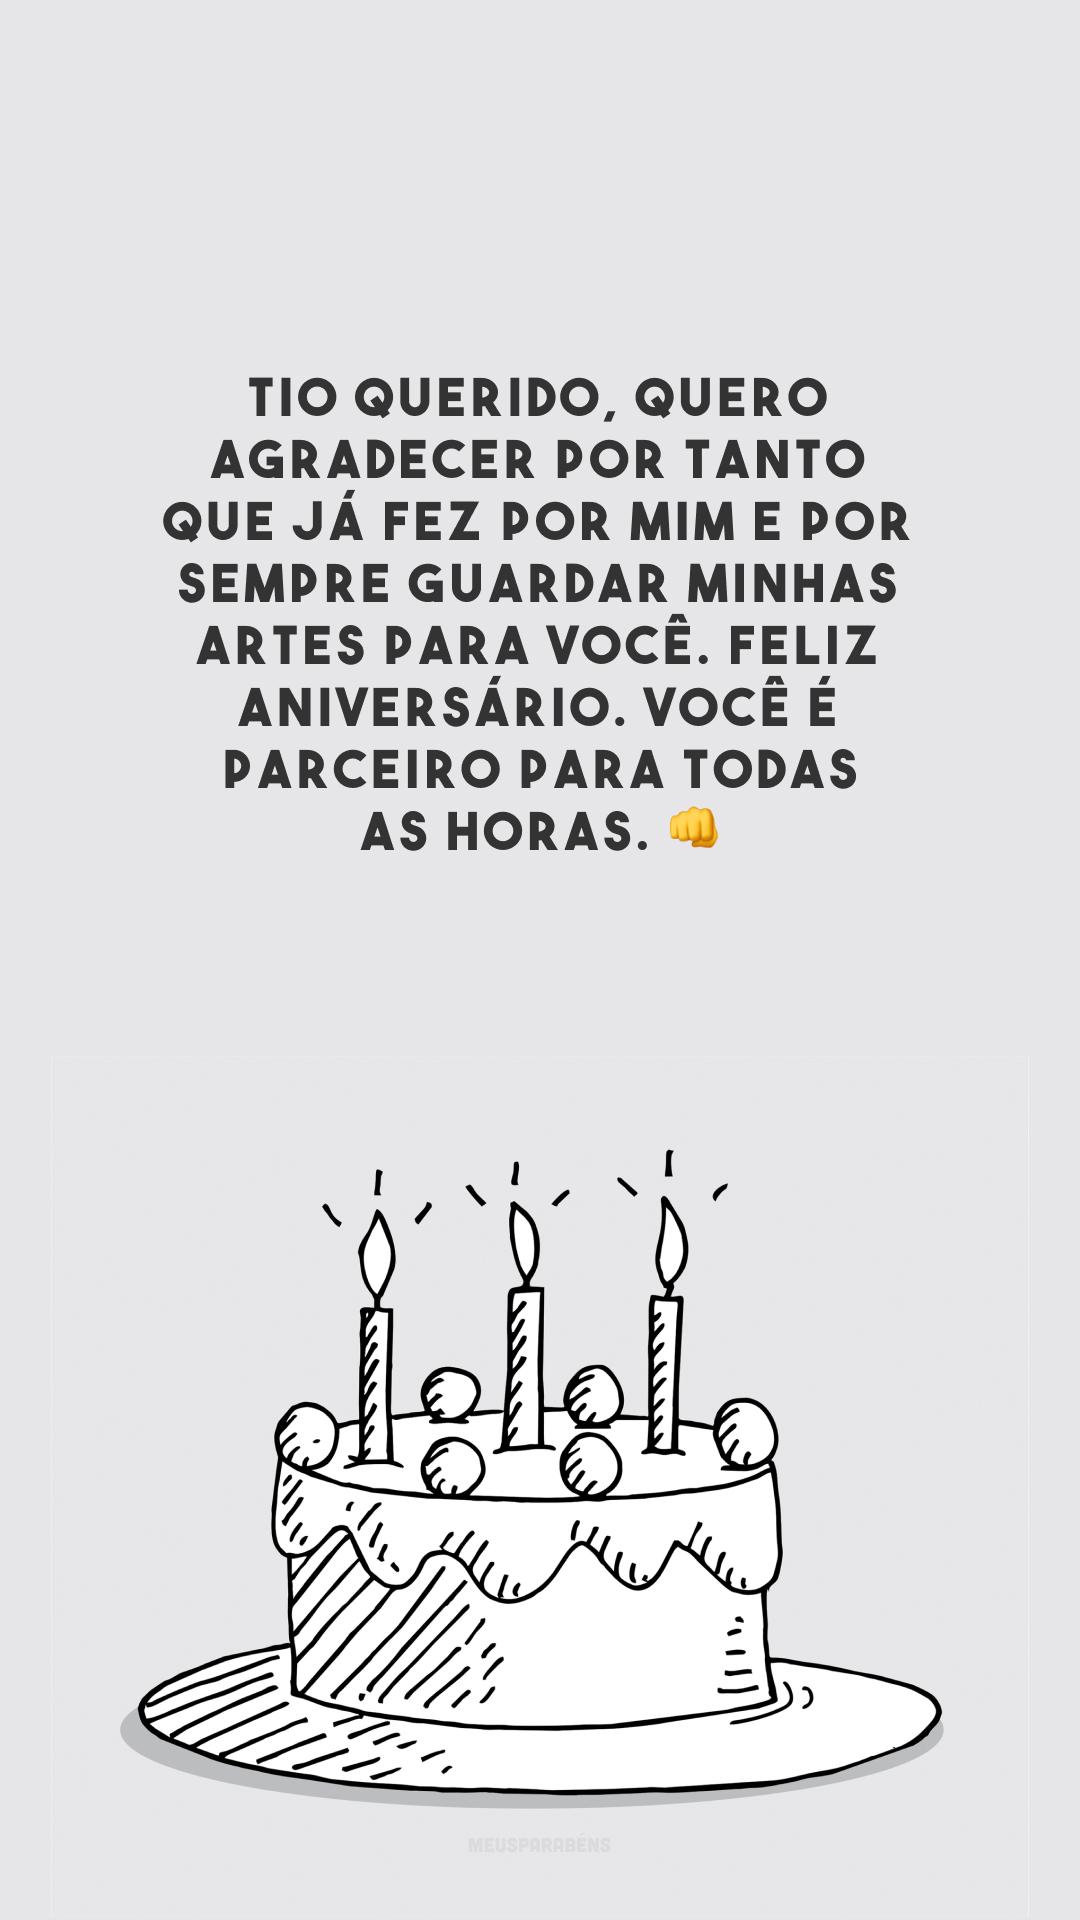 Tio querido, quero agradecer por tanto que já fez por mim e por sempre guardar minhas artes para você. Feliz aniversário. Você é parceiro para todas as horas. 👊